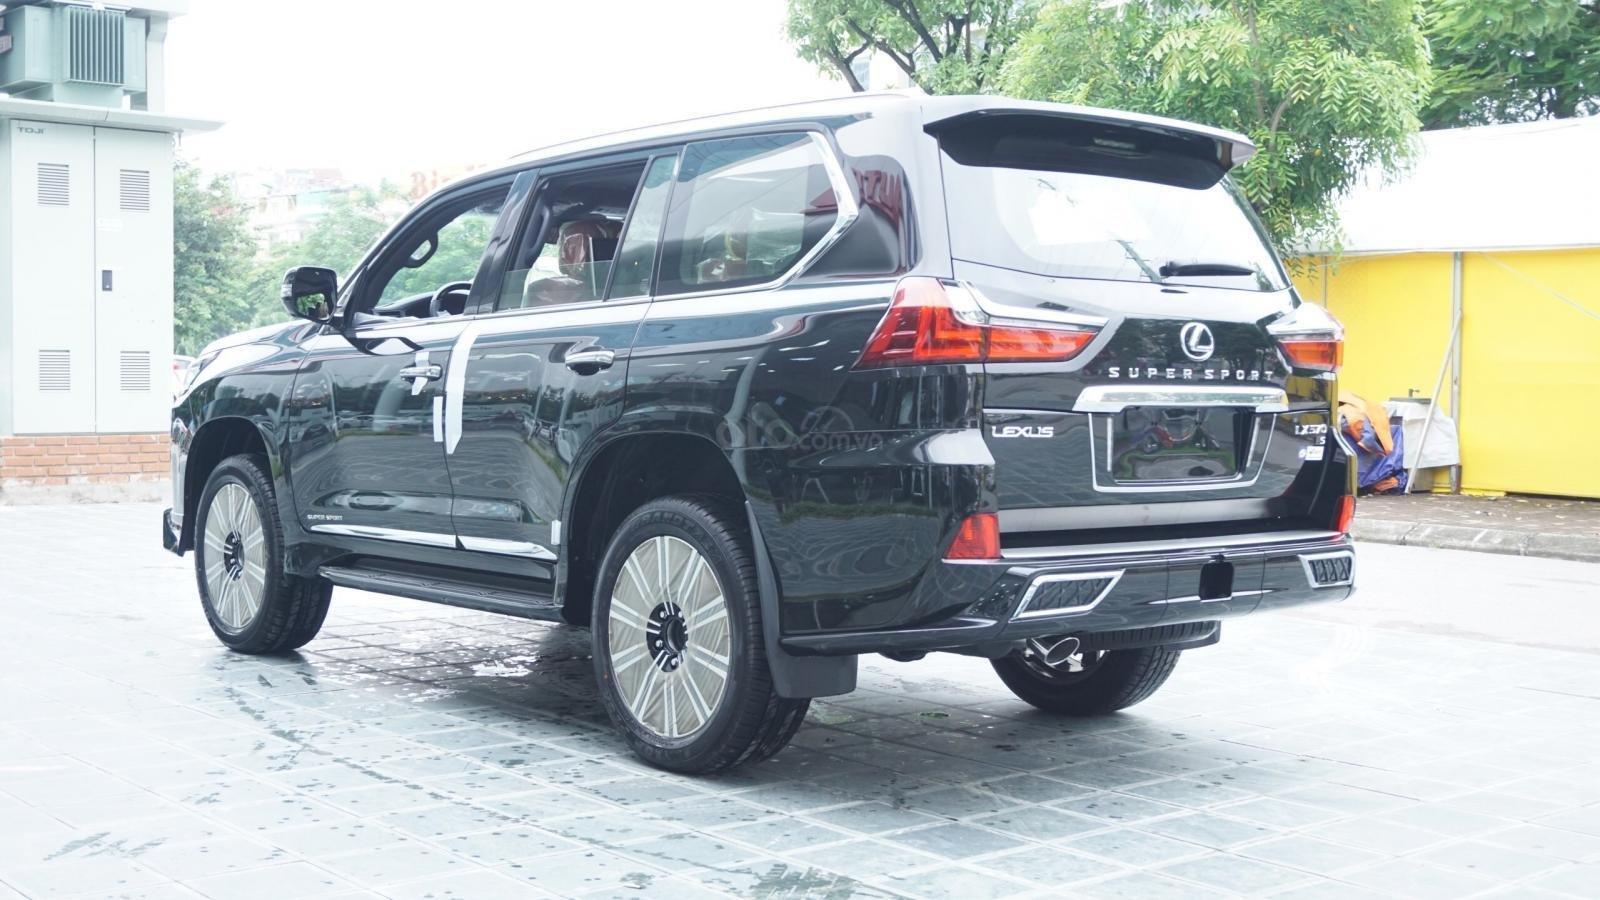 Cần bán xe Lexus LX570 Super Sport 2019 nhập Trung Đông, ngân hàng hỗ trợ 80%, LH Em Lộc: 093.798.2266 (5)